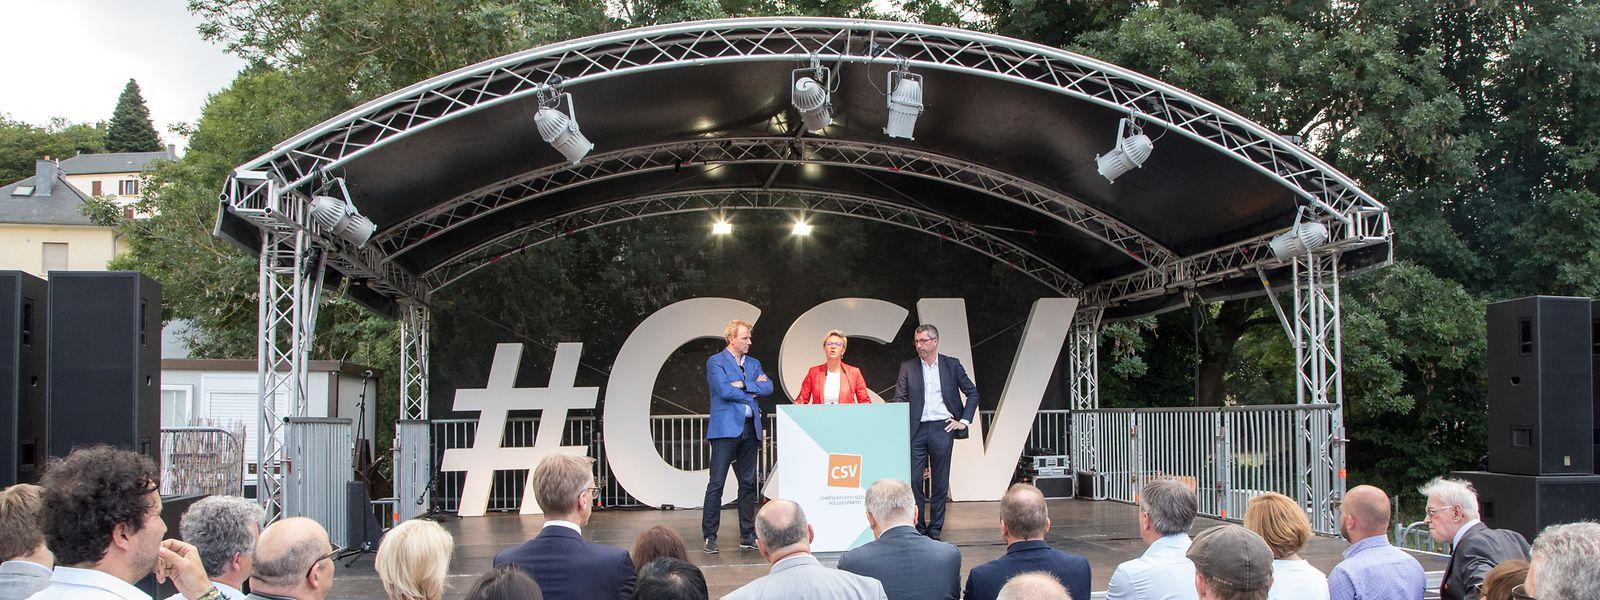 Das CSV-Sommerfest in Hesperingen.